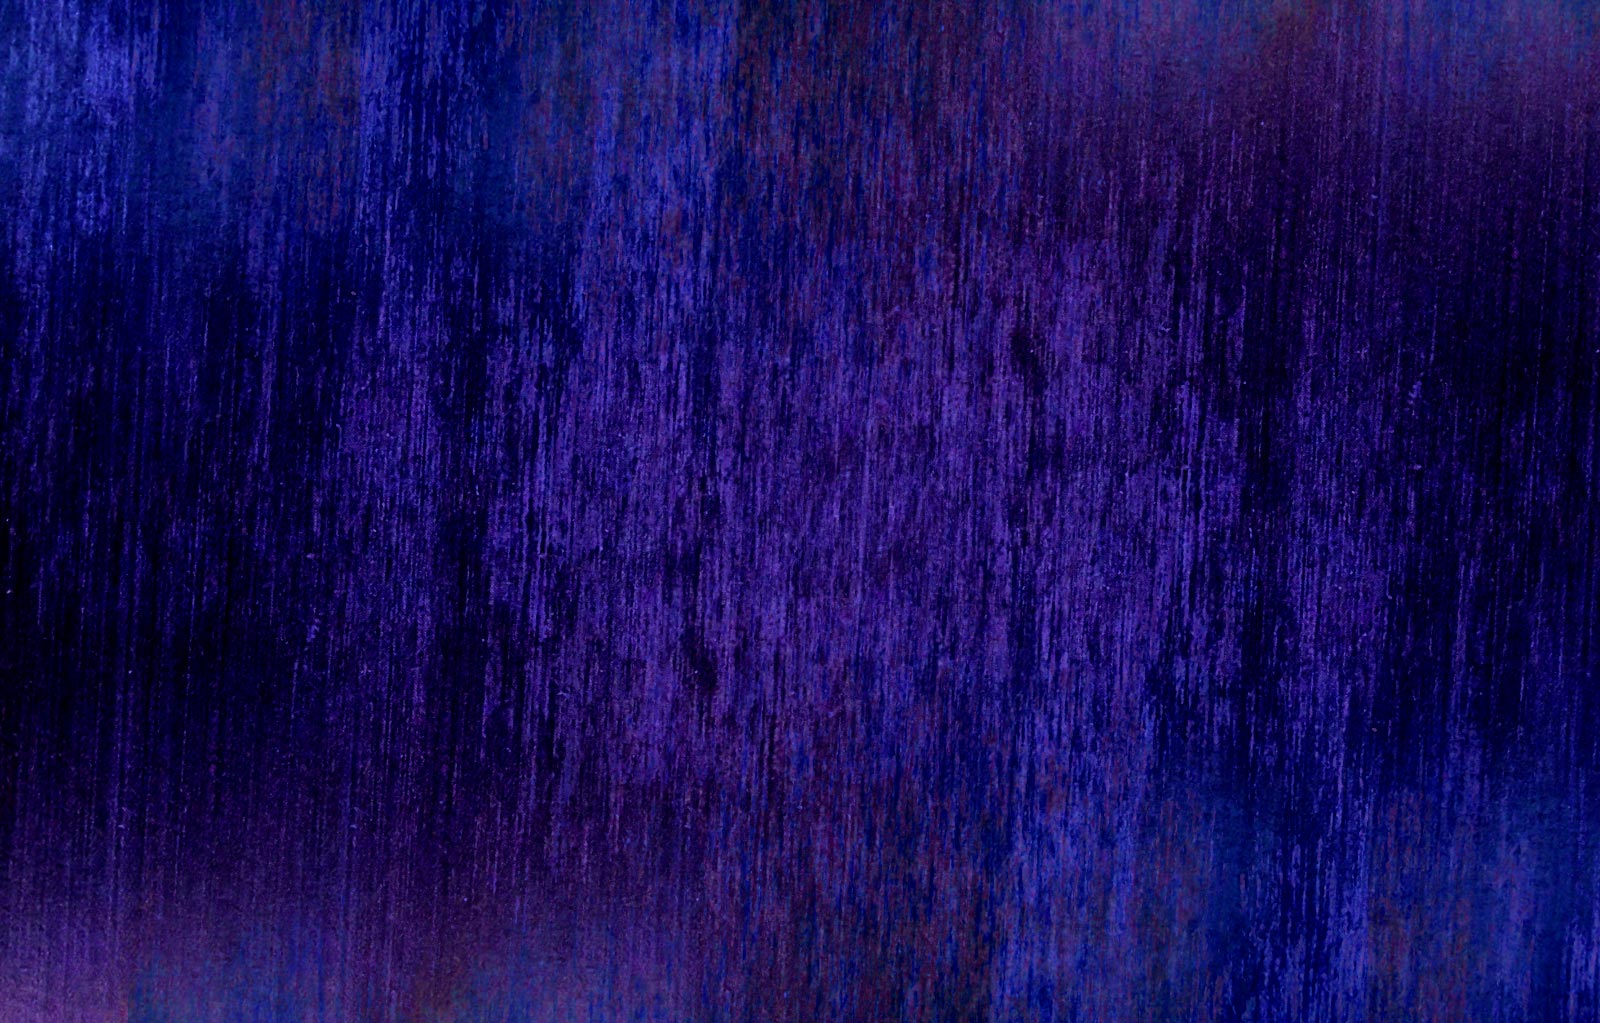 Ilustración gratis - Textura rasgada azul ultramar